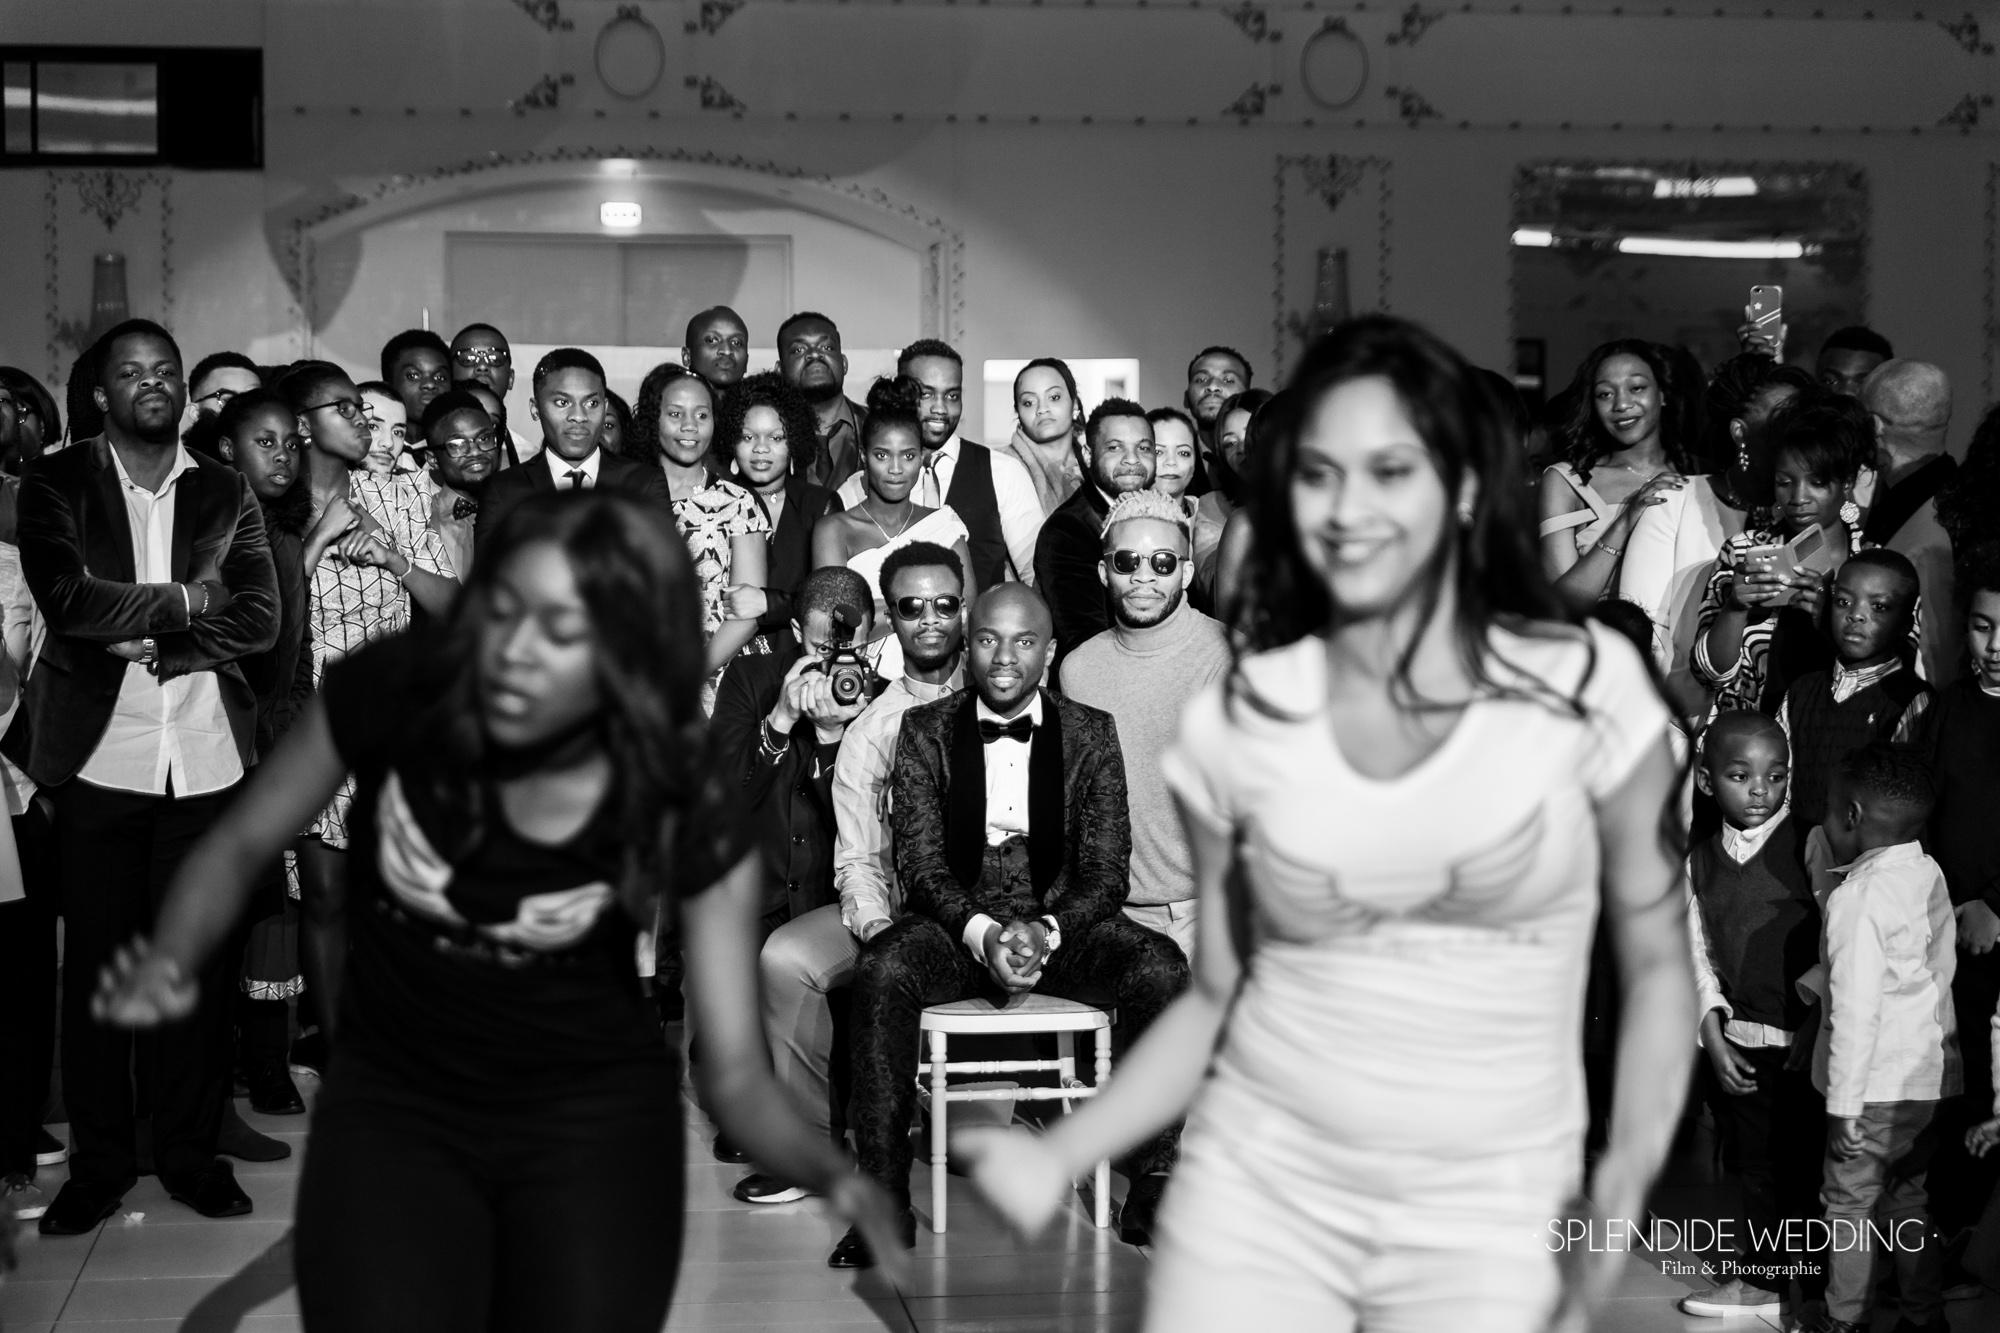 Photographe mariage Paris 19ème piste de danse